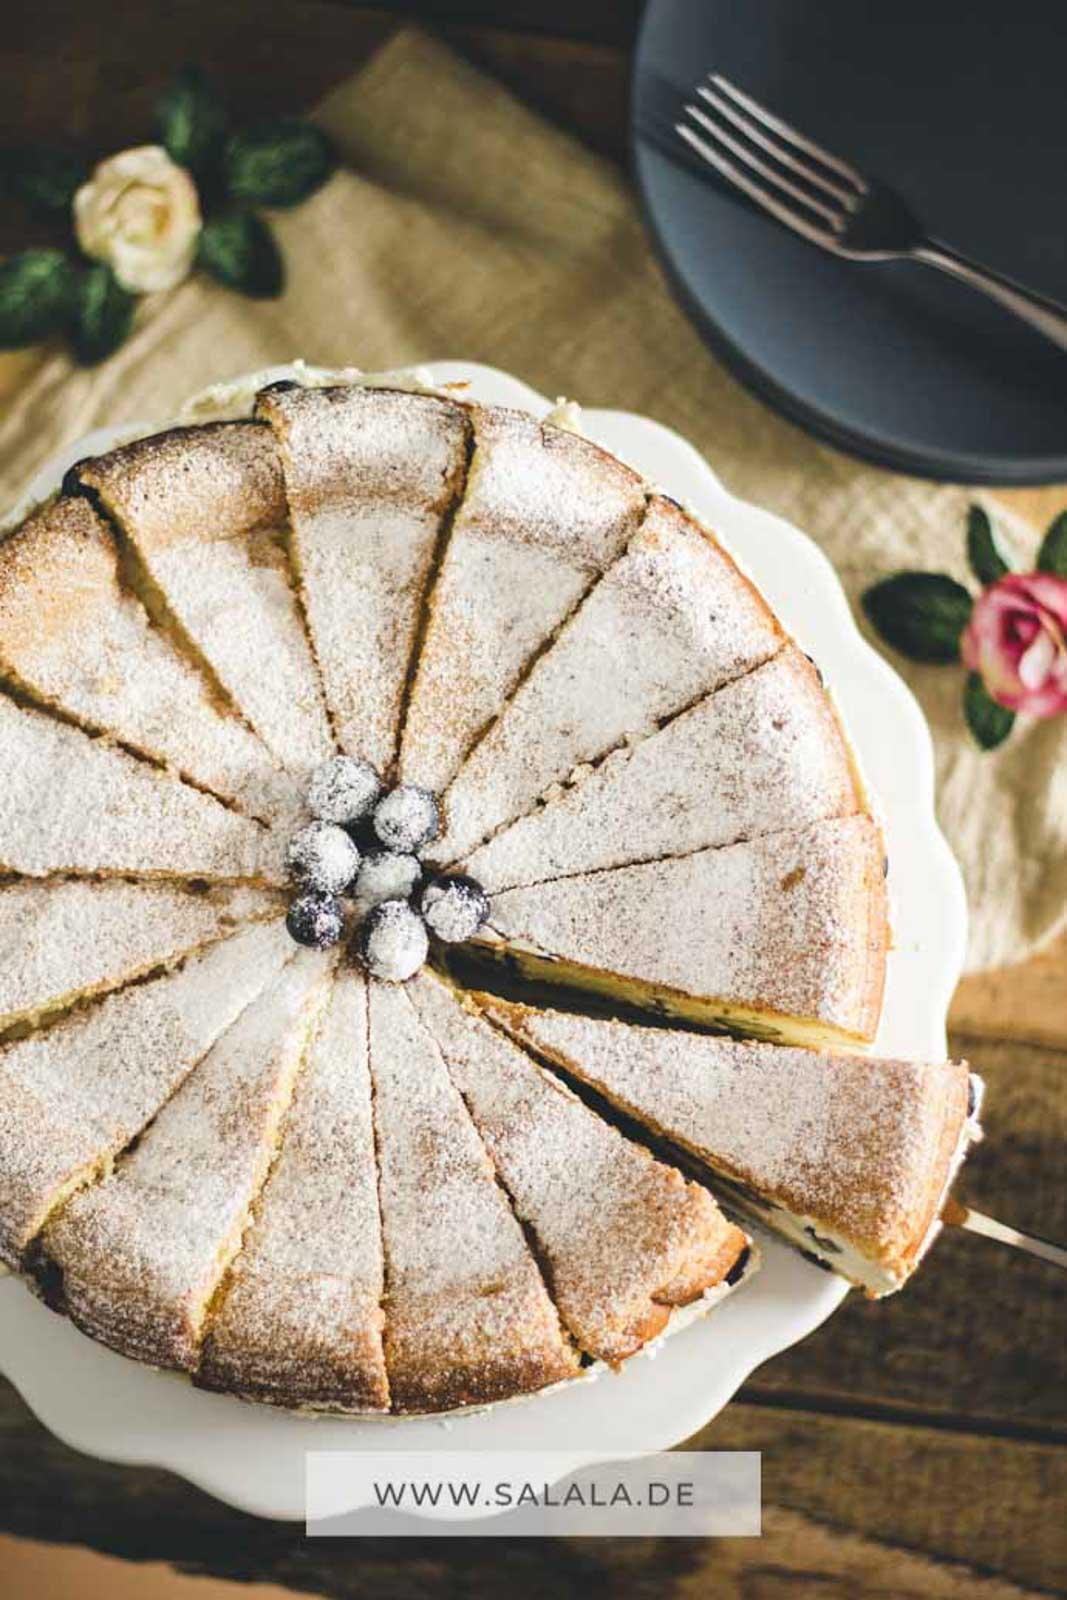 Egal ob Geburtstag, Ostern, Weihnachten, das nächste Sommerfest. Eine Käse-Sahne-Torte passt immer. Und sie schmeckt auch in Low Carb super lecker. Für das Rezept brauchst du nicht viele Zutaten. Etwas Quark, Sahne und Mascarpone. Deckel und Boden sind aus unserem Low Carb Bisquit. Also worauf wartetst du noch. Ab in die Küche und nachbacken. #LowCarbTorte #KaeseSahneTorte #TorteOhneZucker #TorteOhneMehl #GlutenfreieTorte #TorteOhneKohlenhydrate #LowCarbKaeseSahne #LowCarbBisquit